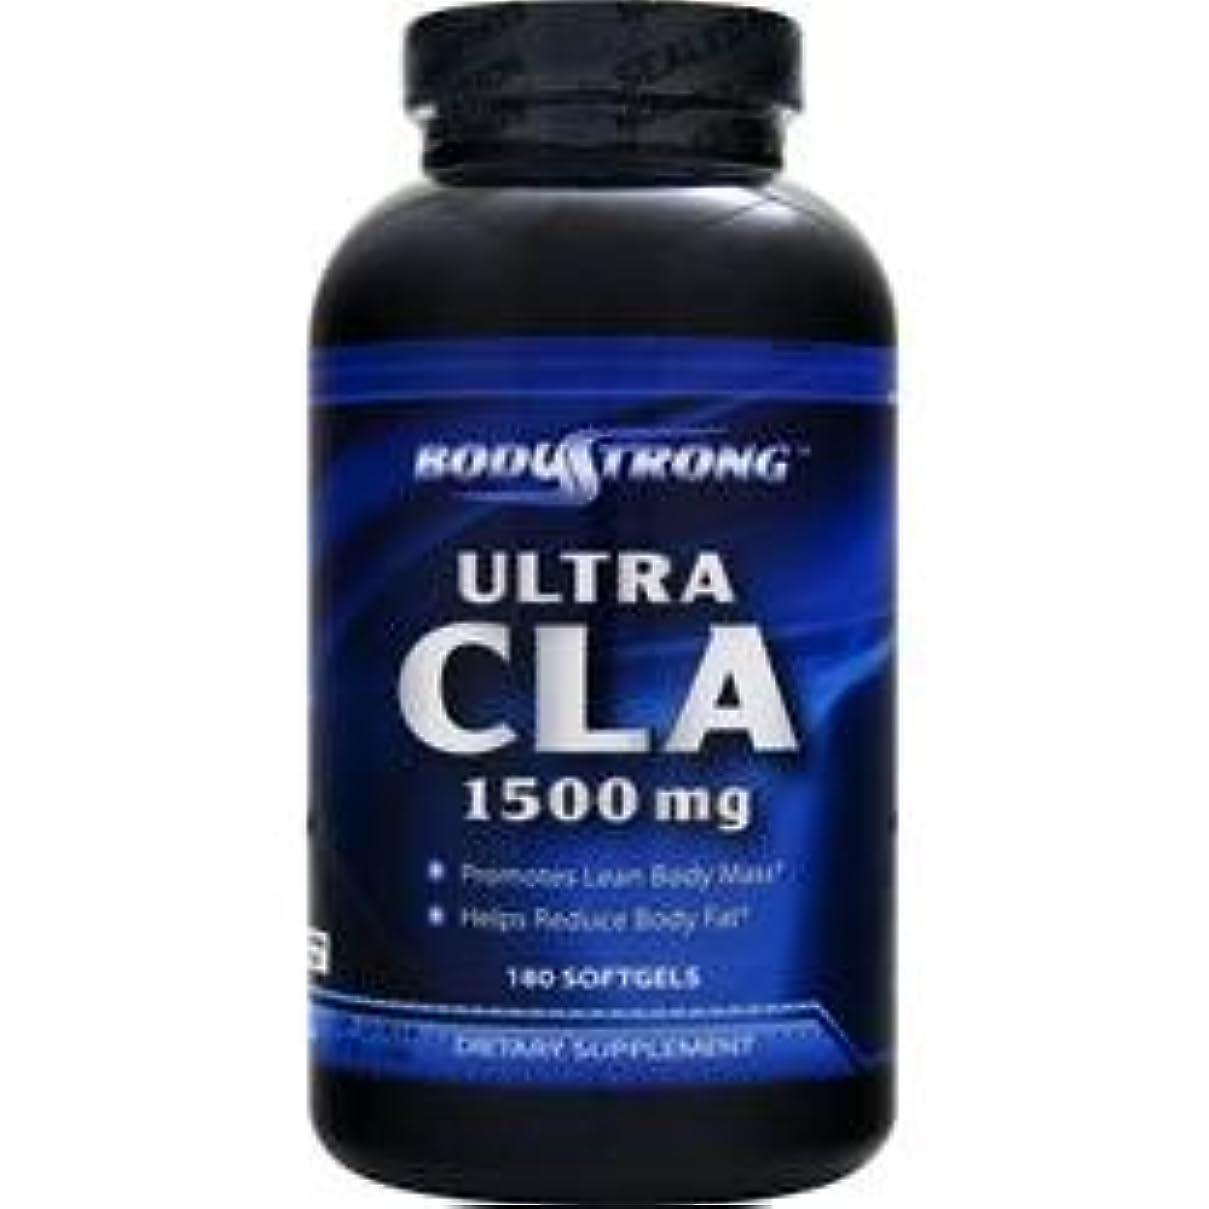 発見するスクレーパーアカウントBodyStrong ウルトラCLA 1500mg (Ultra CLA) (180ソフトジェル)